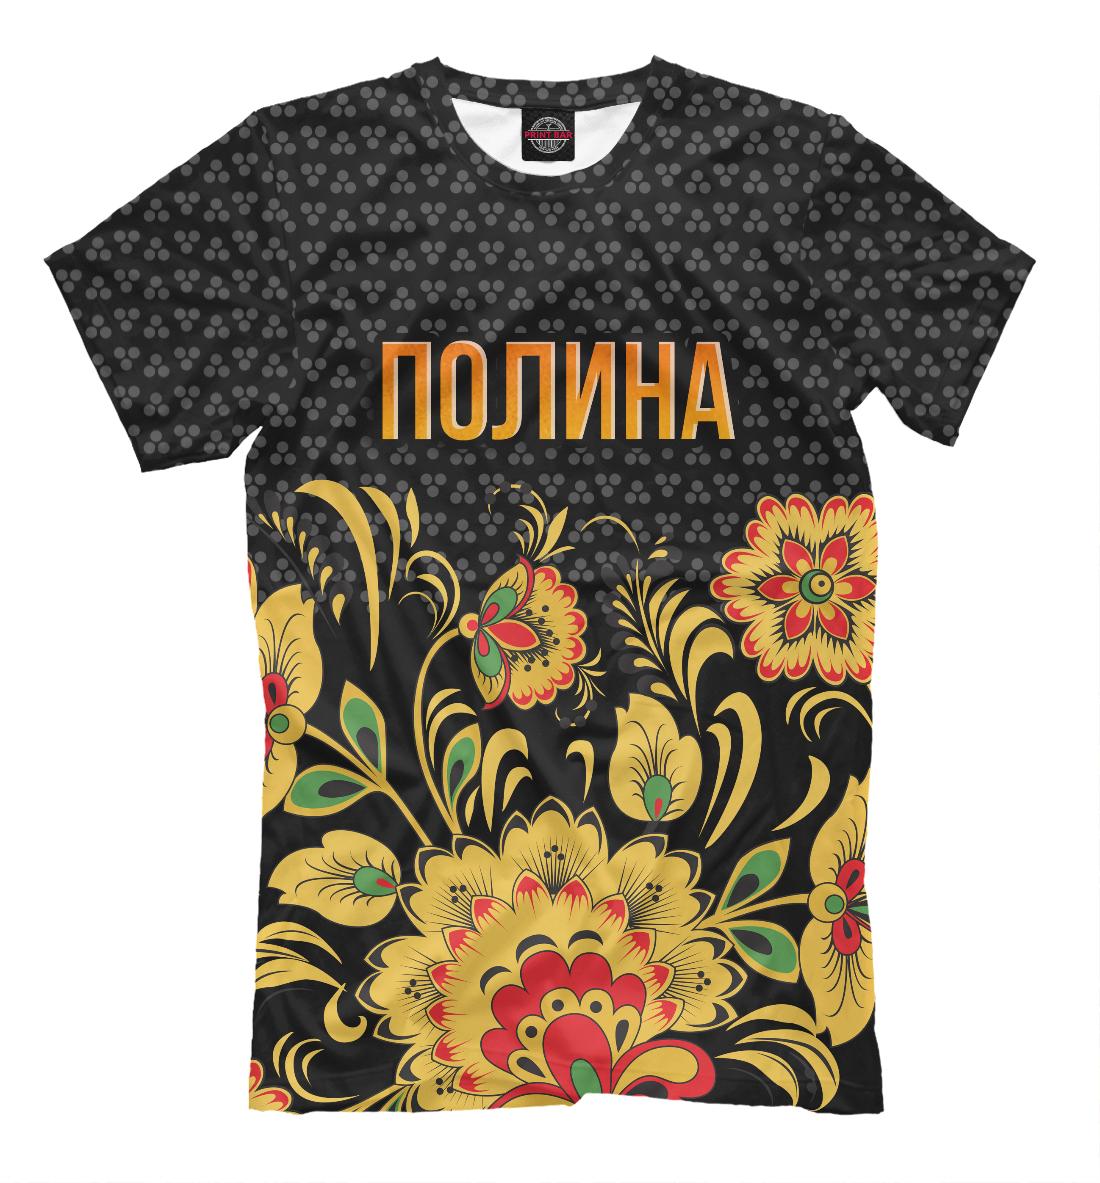 Купить Хохлома Полина, Printbar, Футболки, PLN-409303-fut-2